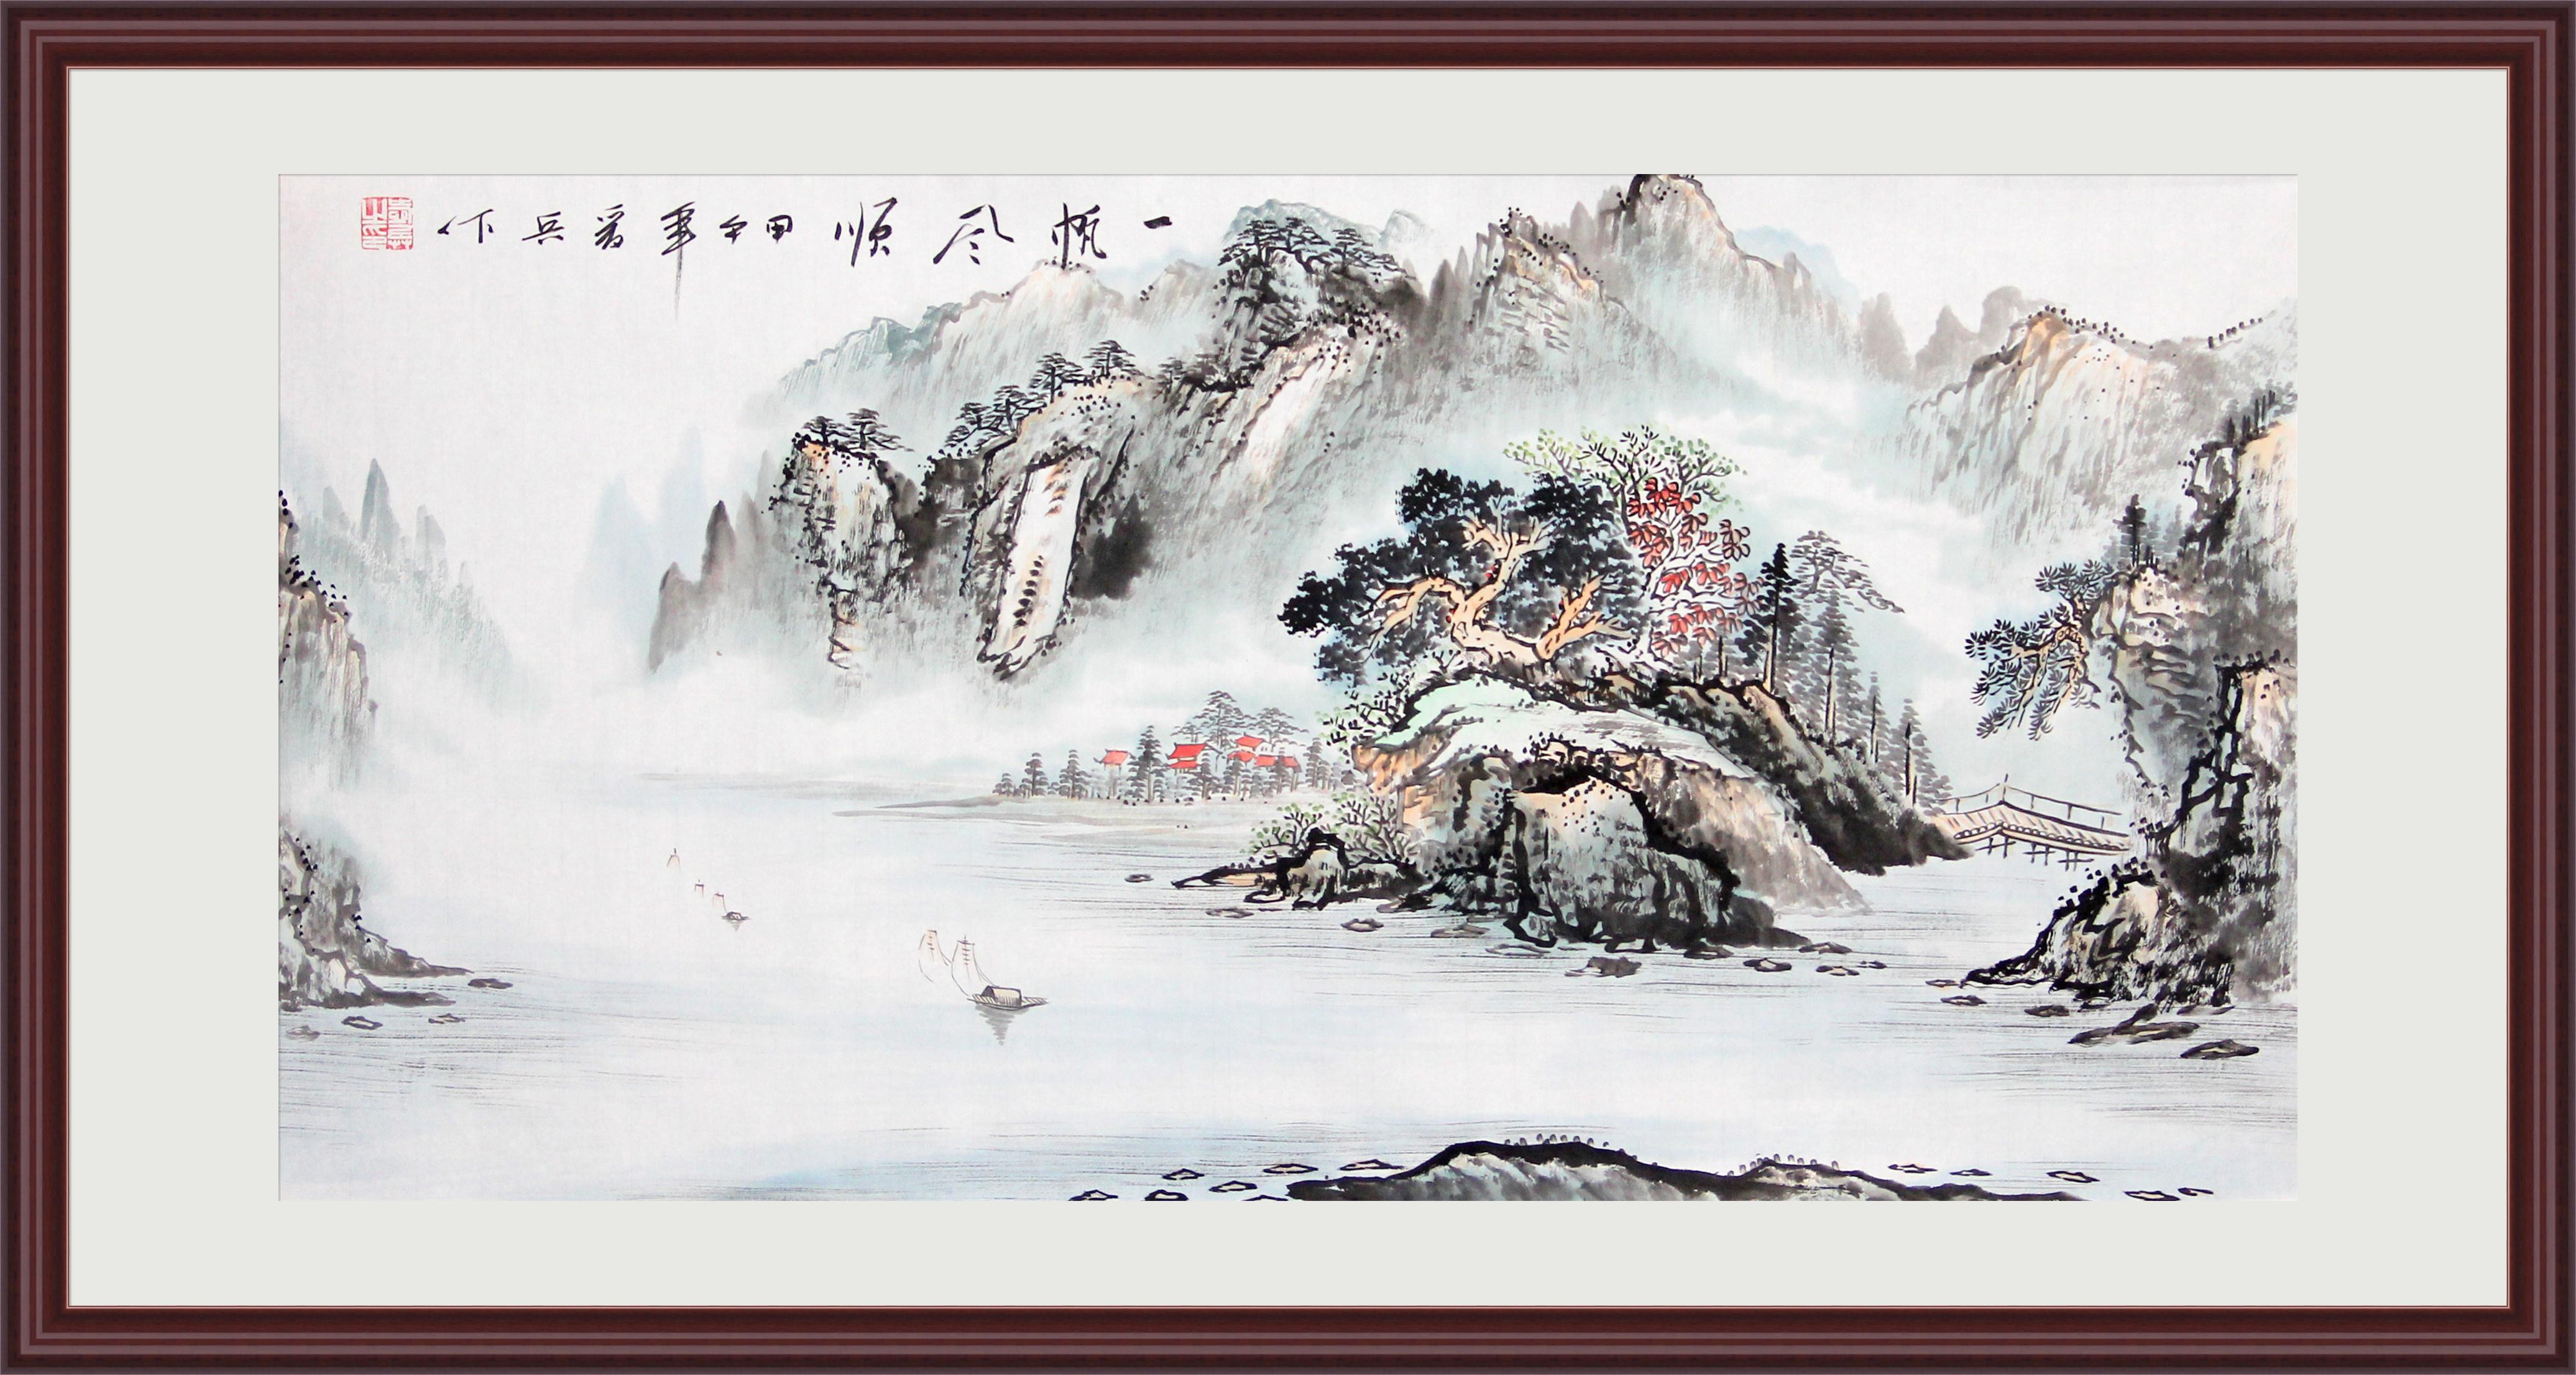 苏雅字画已装裱国画山水画纯手绘作品客厅风水画一帆风顺 红褐色实木